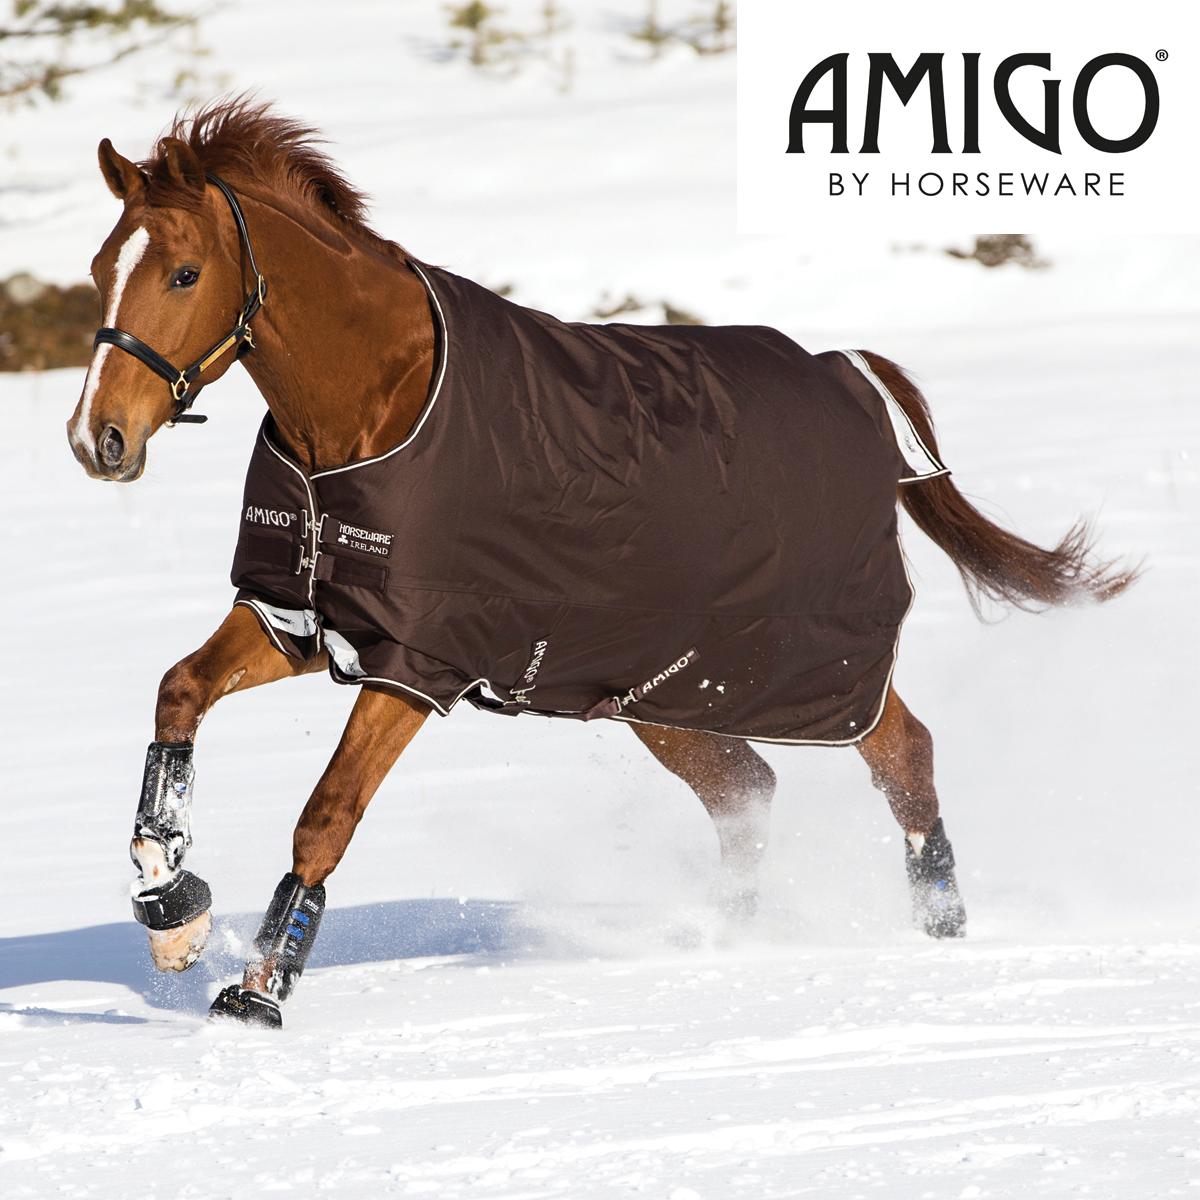 Horseware Amigo Amigo Horseware Bravo 12 400g Heavyweight Turnout Rug d54a9e